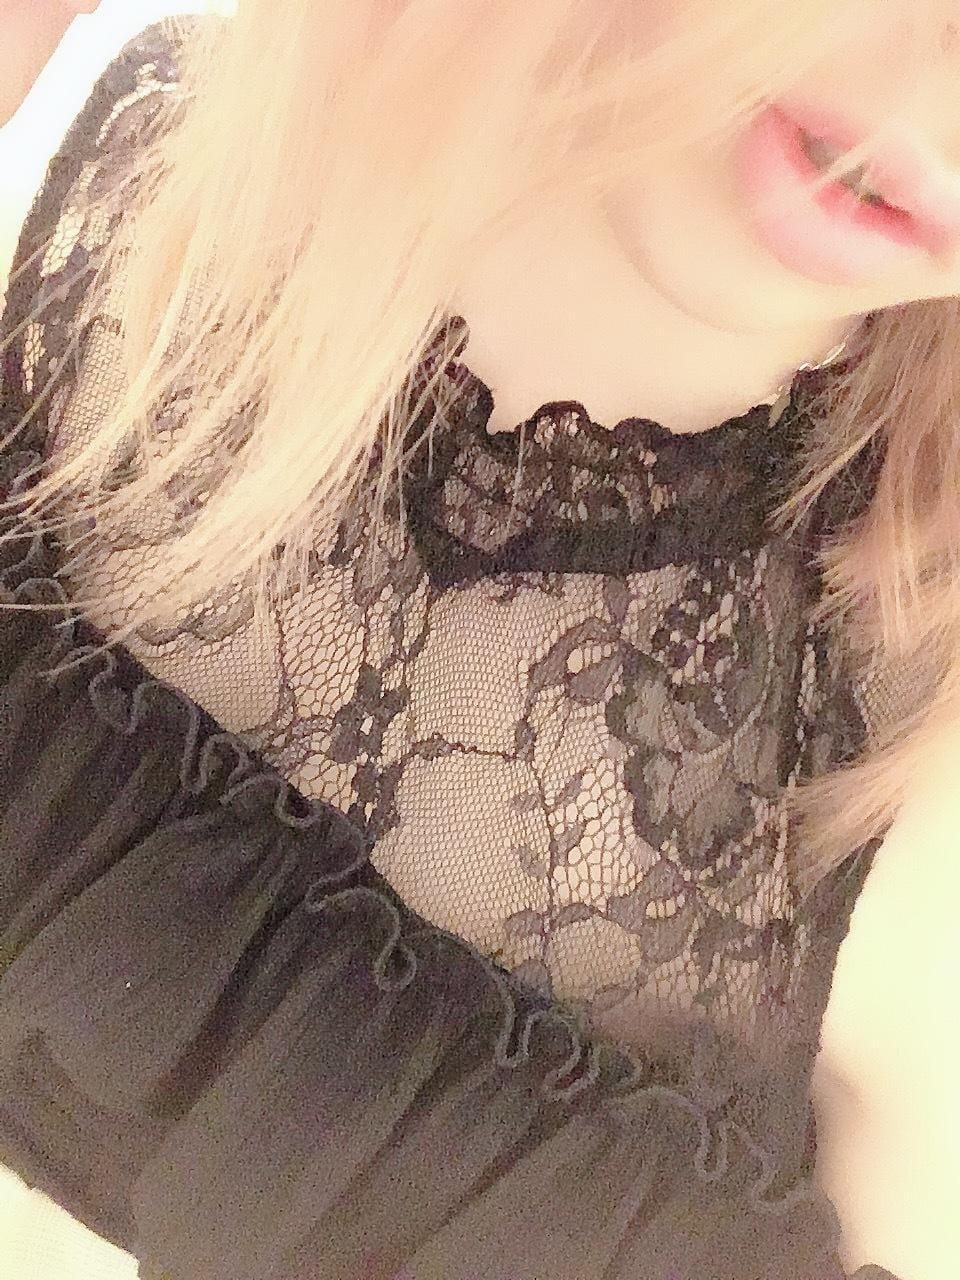 「サバサバ??」05/21(火) 17:40 | あいかの写メ・風俗動画